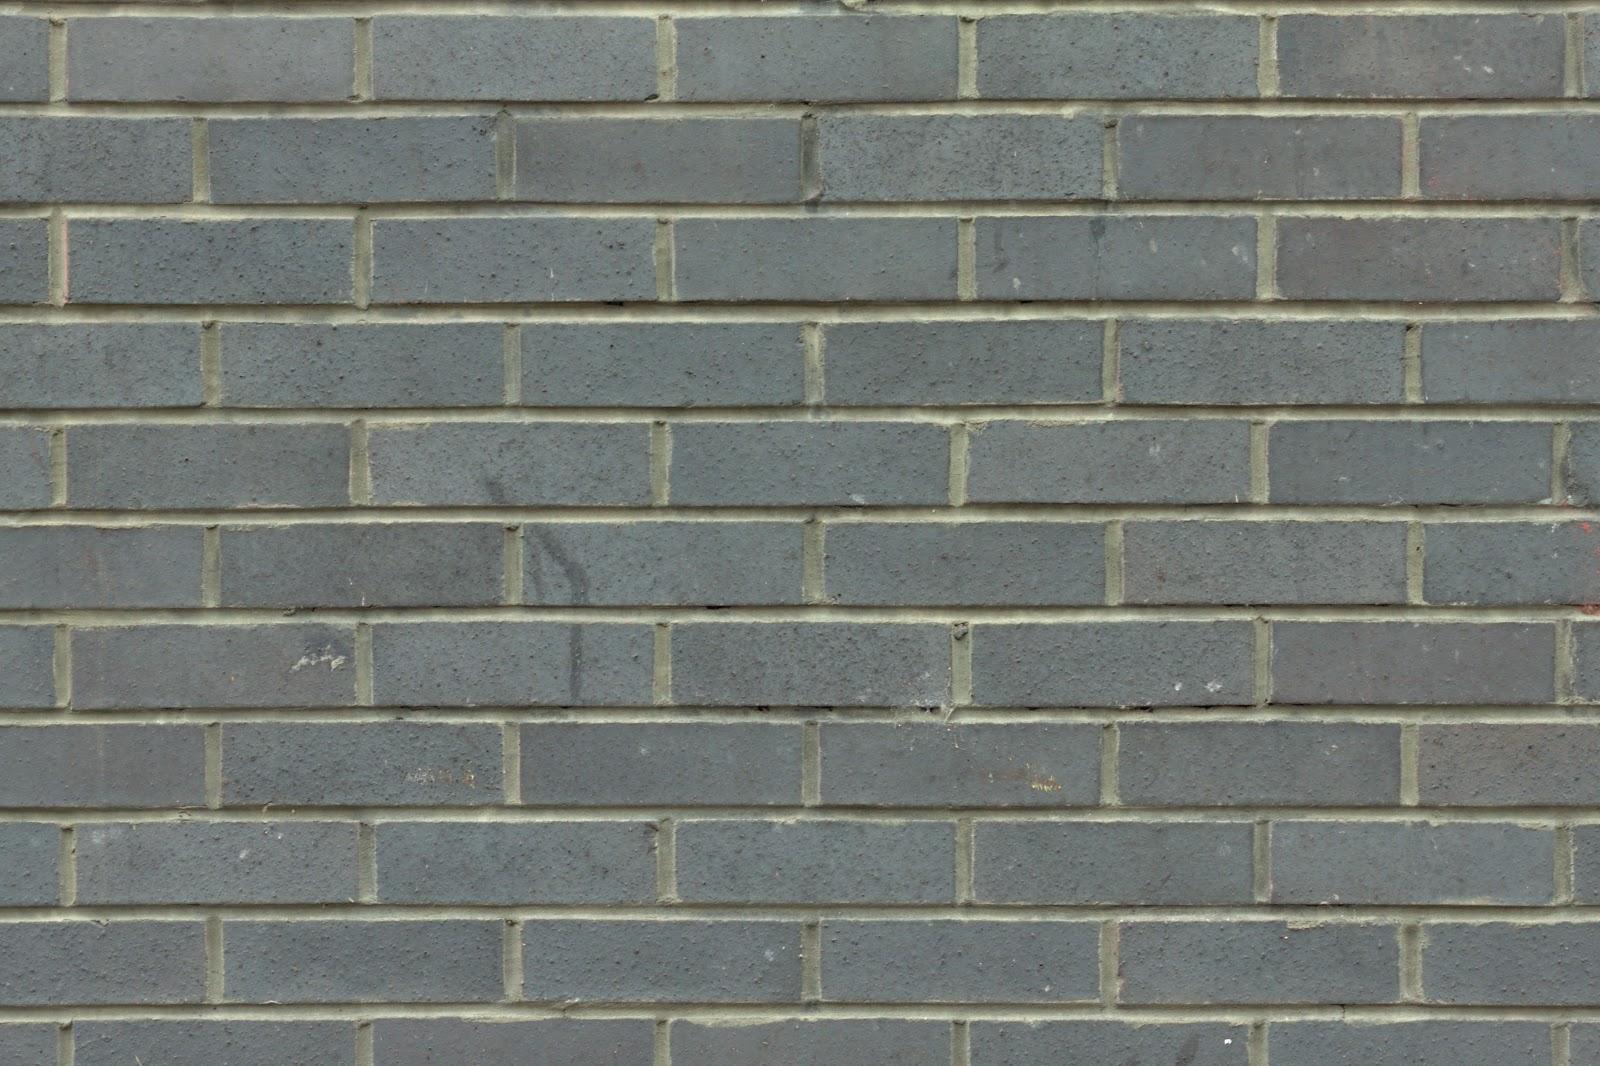 (BRICK 10) wall dark grunge building texture